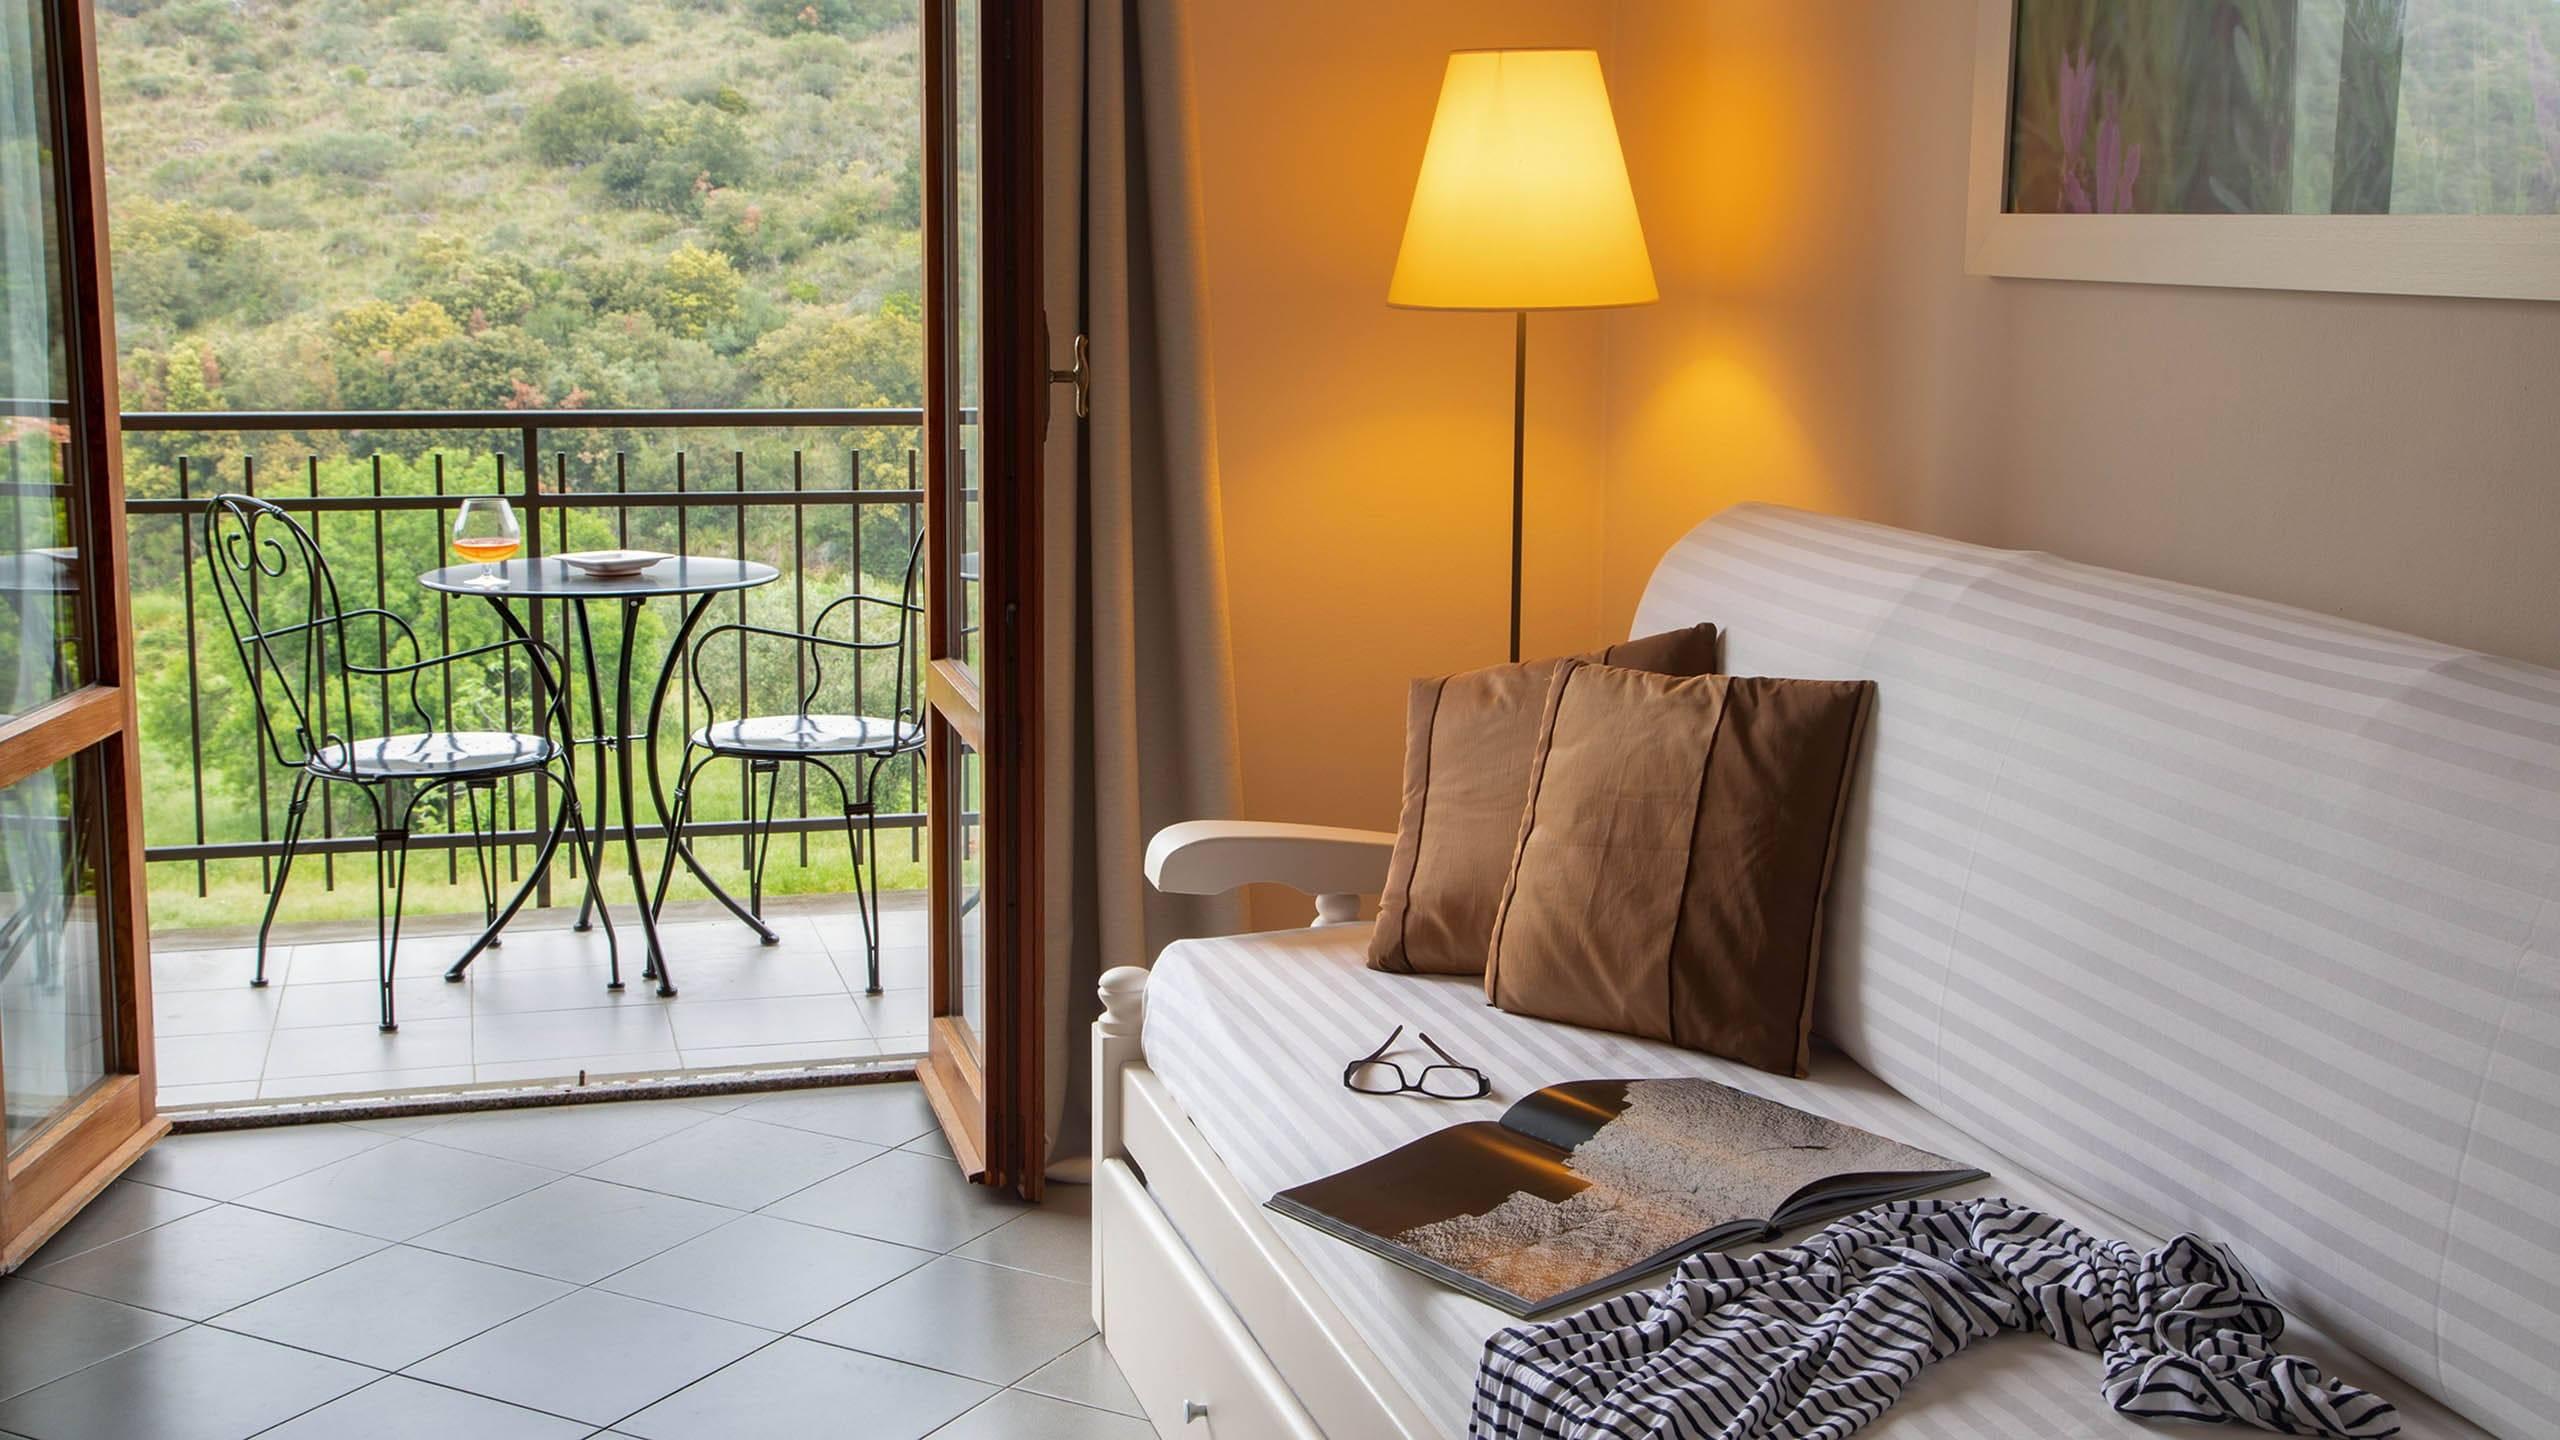 Hotel-Residence-Valle-del-Buttero-Capalbio-Camere-2021-Superior-Collina-soggiorno-2